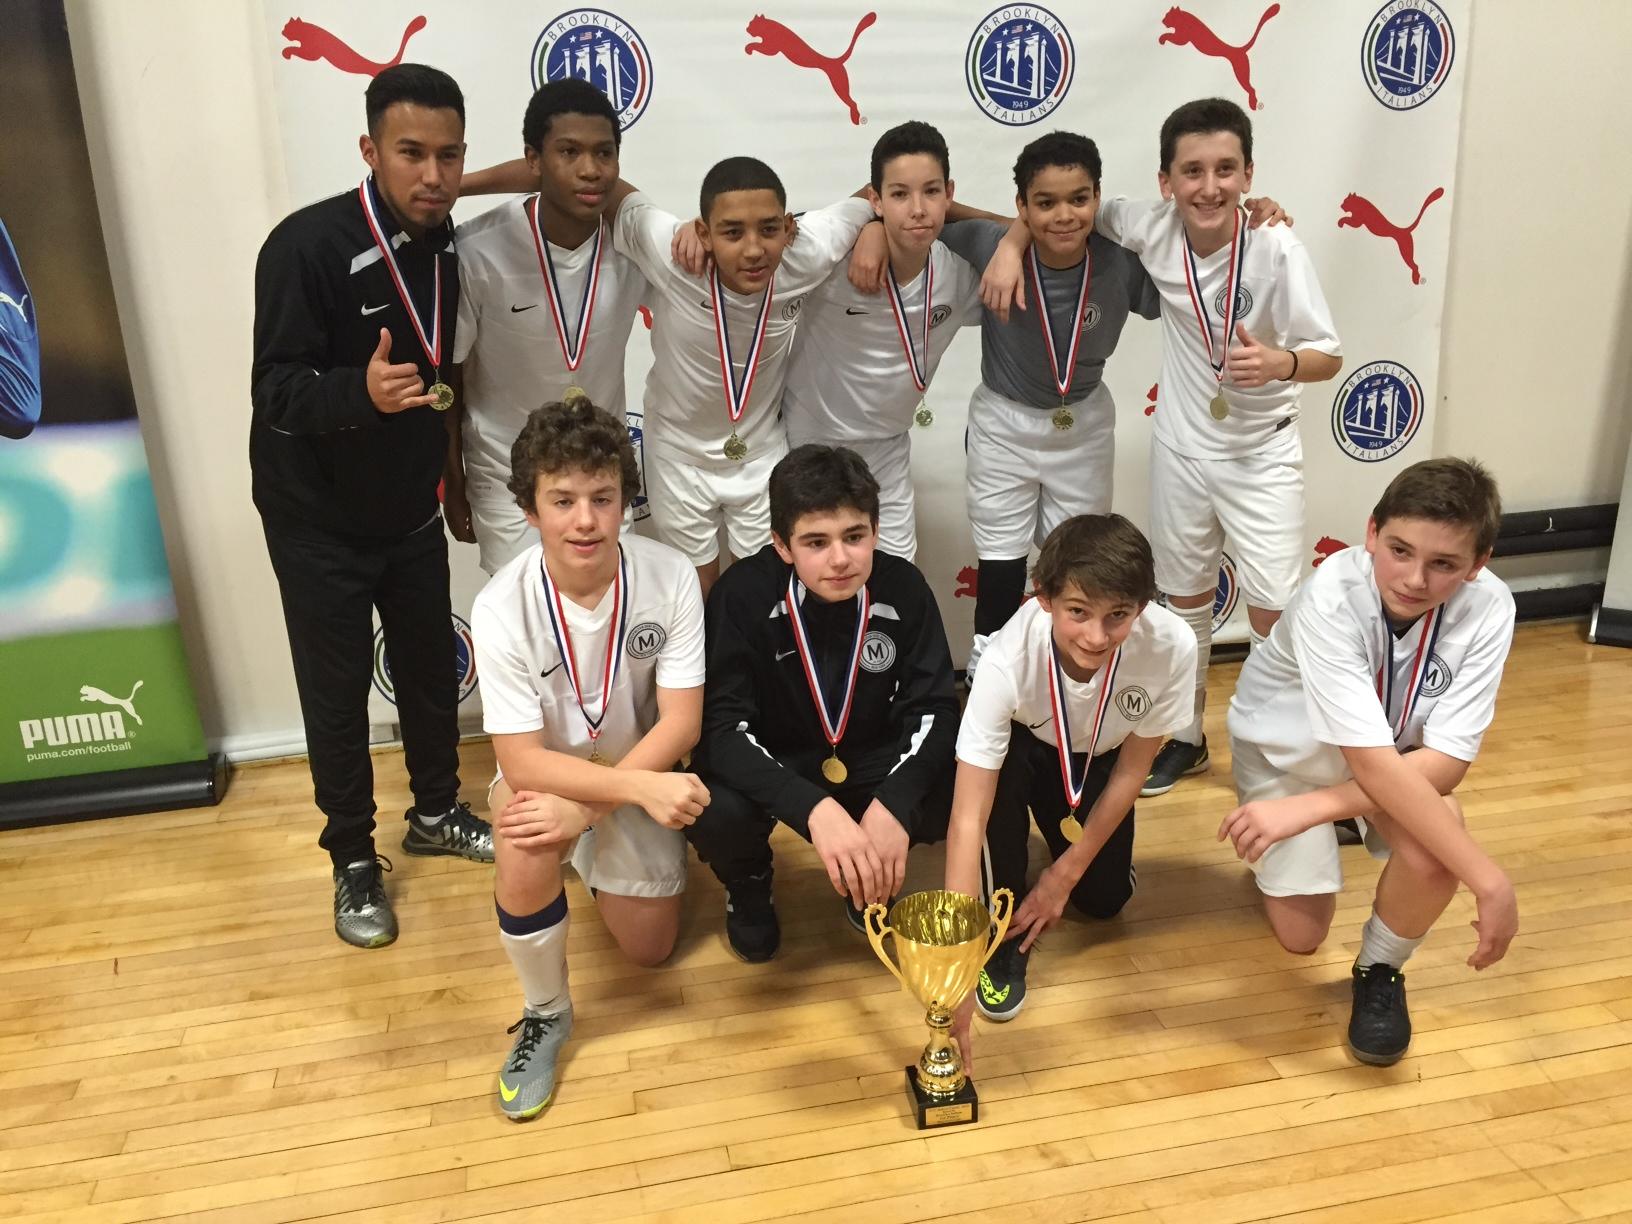 Met Oval U-13 Pre-Academy Play Up and Win U-14 NYC Indoor